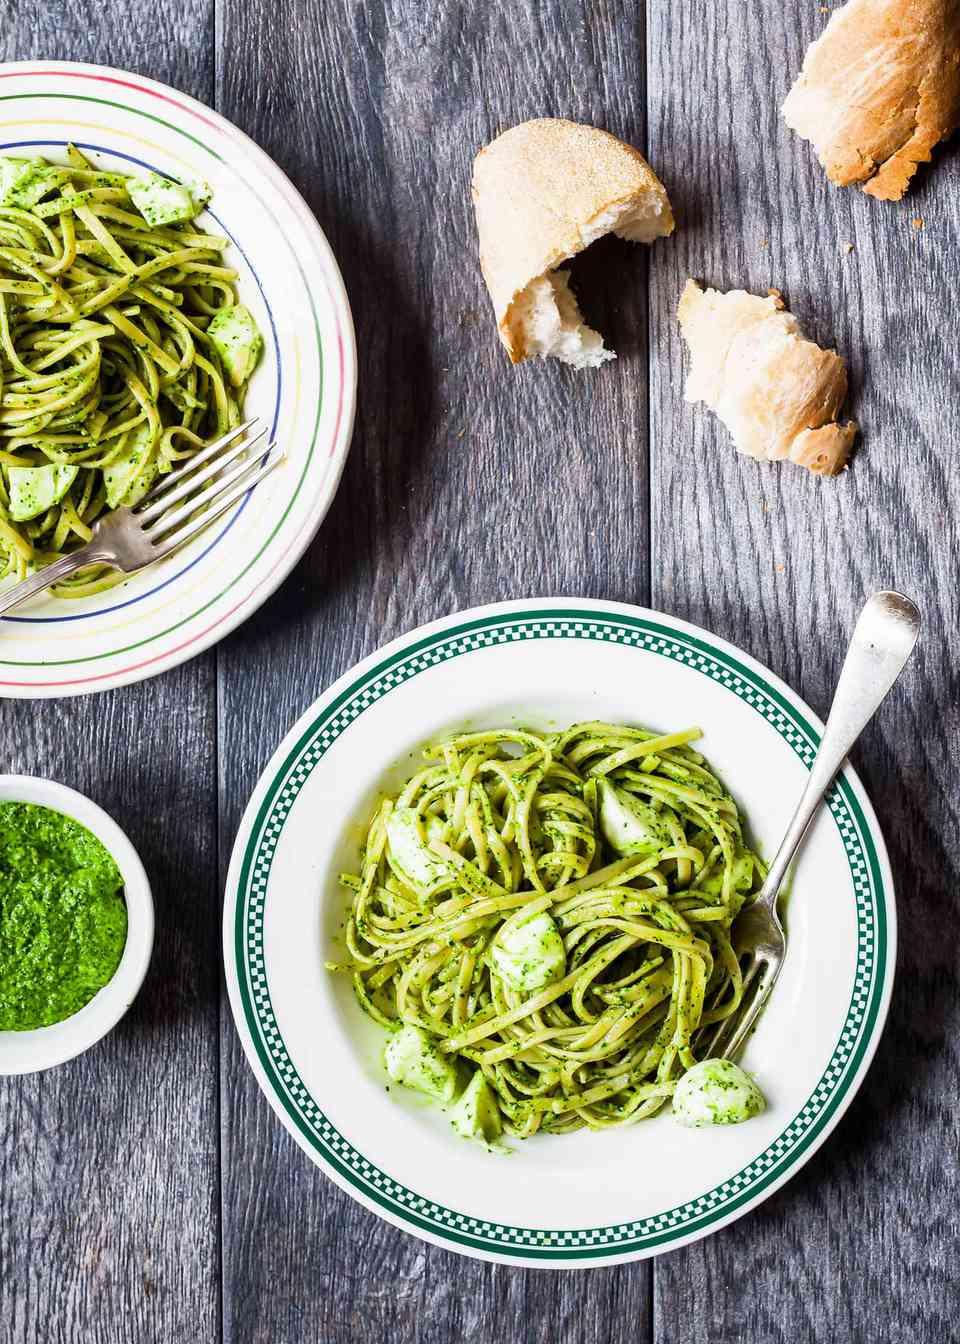 Whole Wheat Pasta with Kale Pesto